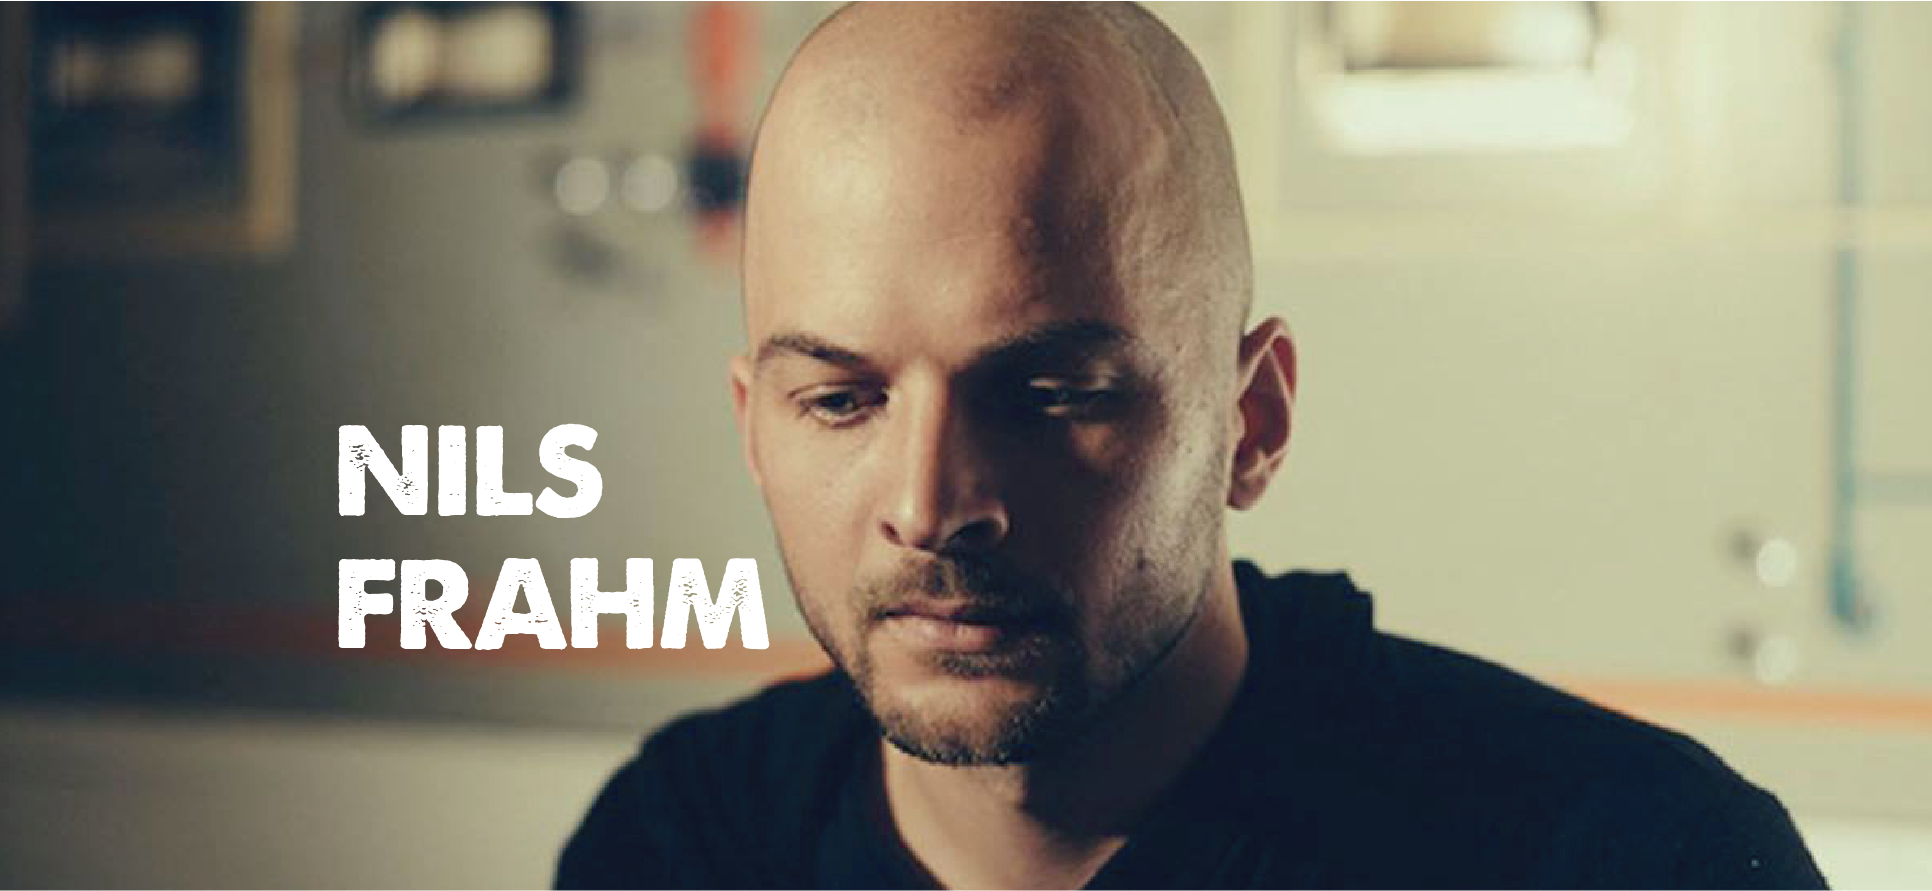 Profile: NILS FRAHM